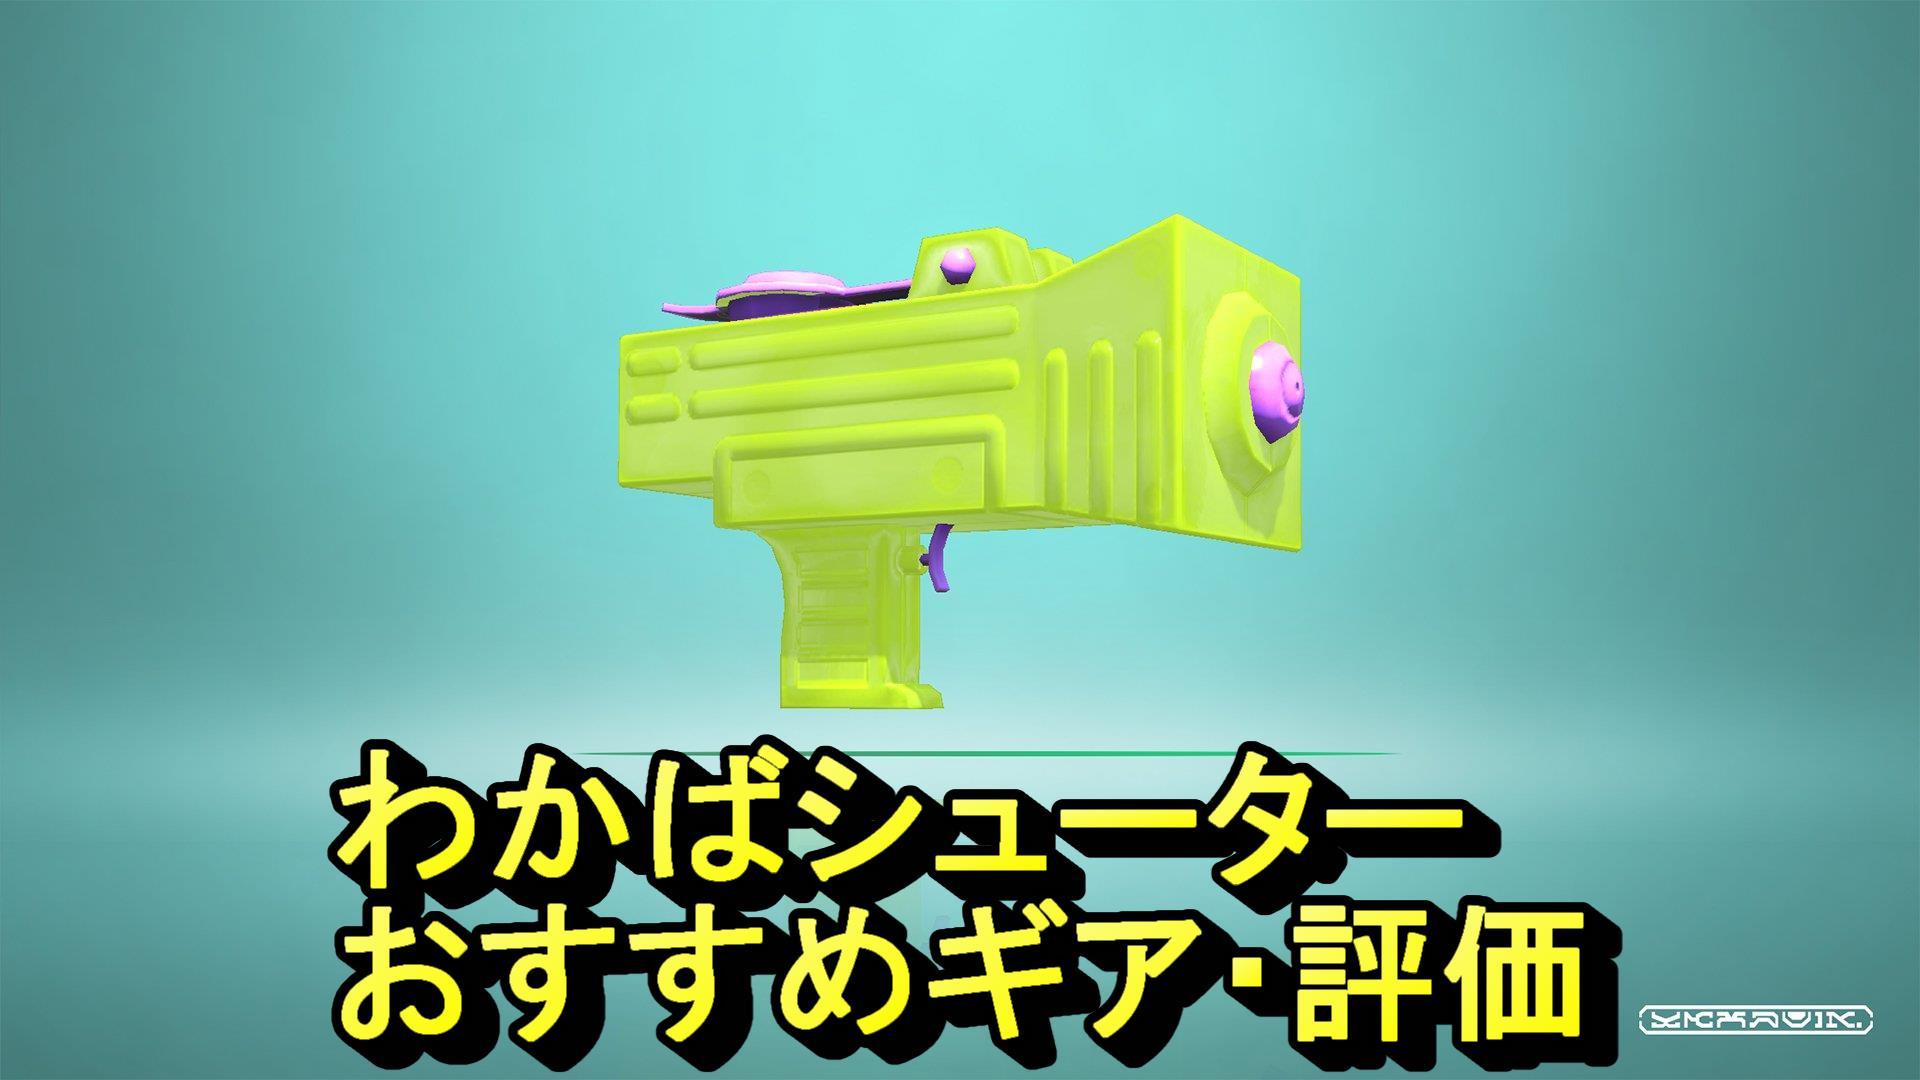 武器 2 スプラ 評価 トゥーン